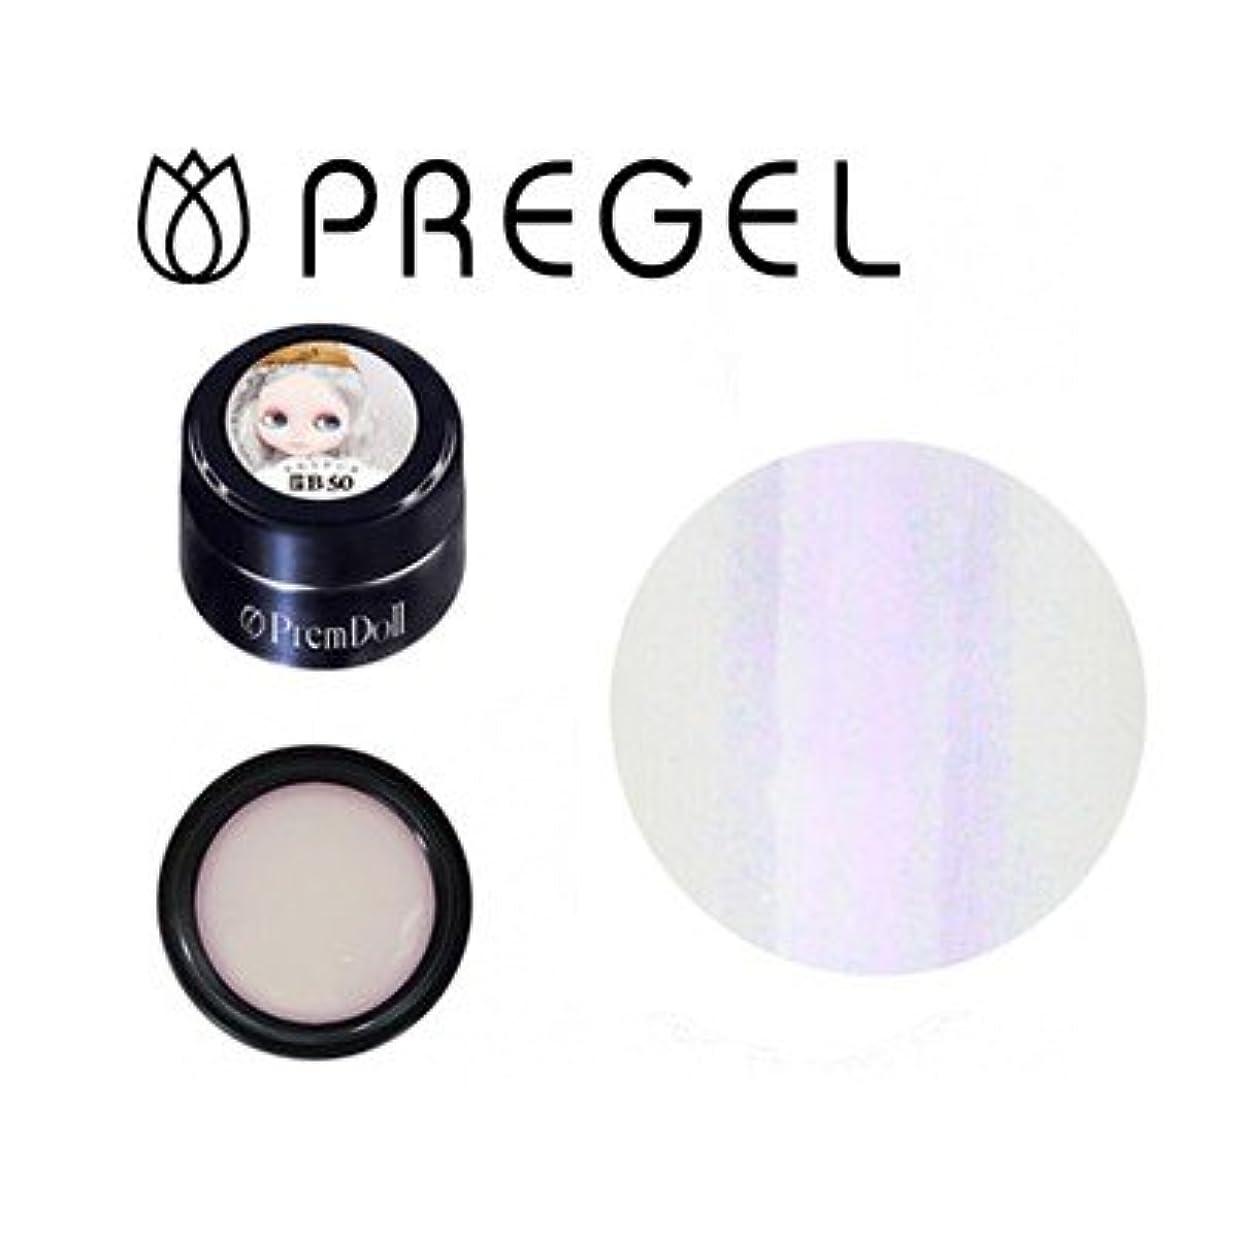 目に見える耐える専らジェルネイル カラージェル プリジェル PREGEL プリムドール ジェーンレフロイシリーズ DOLL-B50 やわらかい月